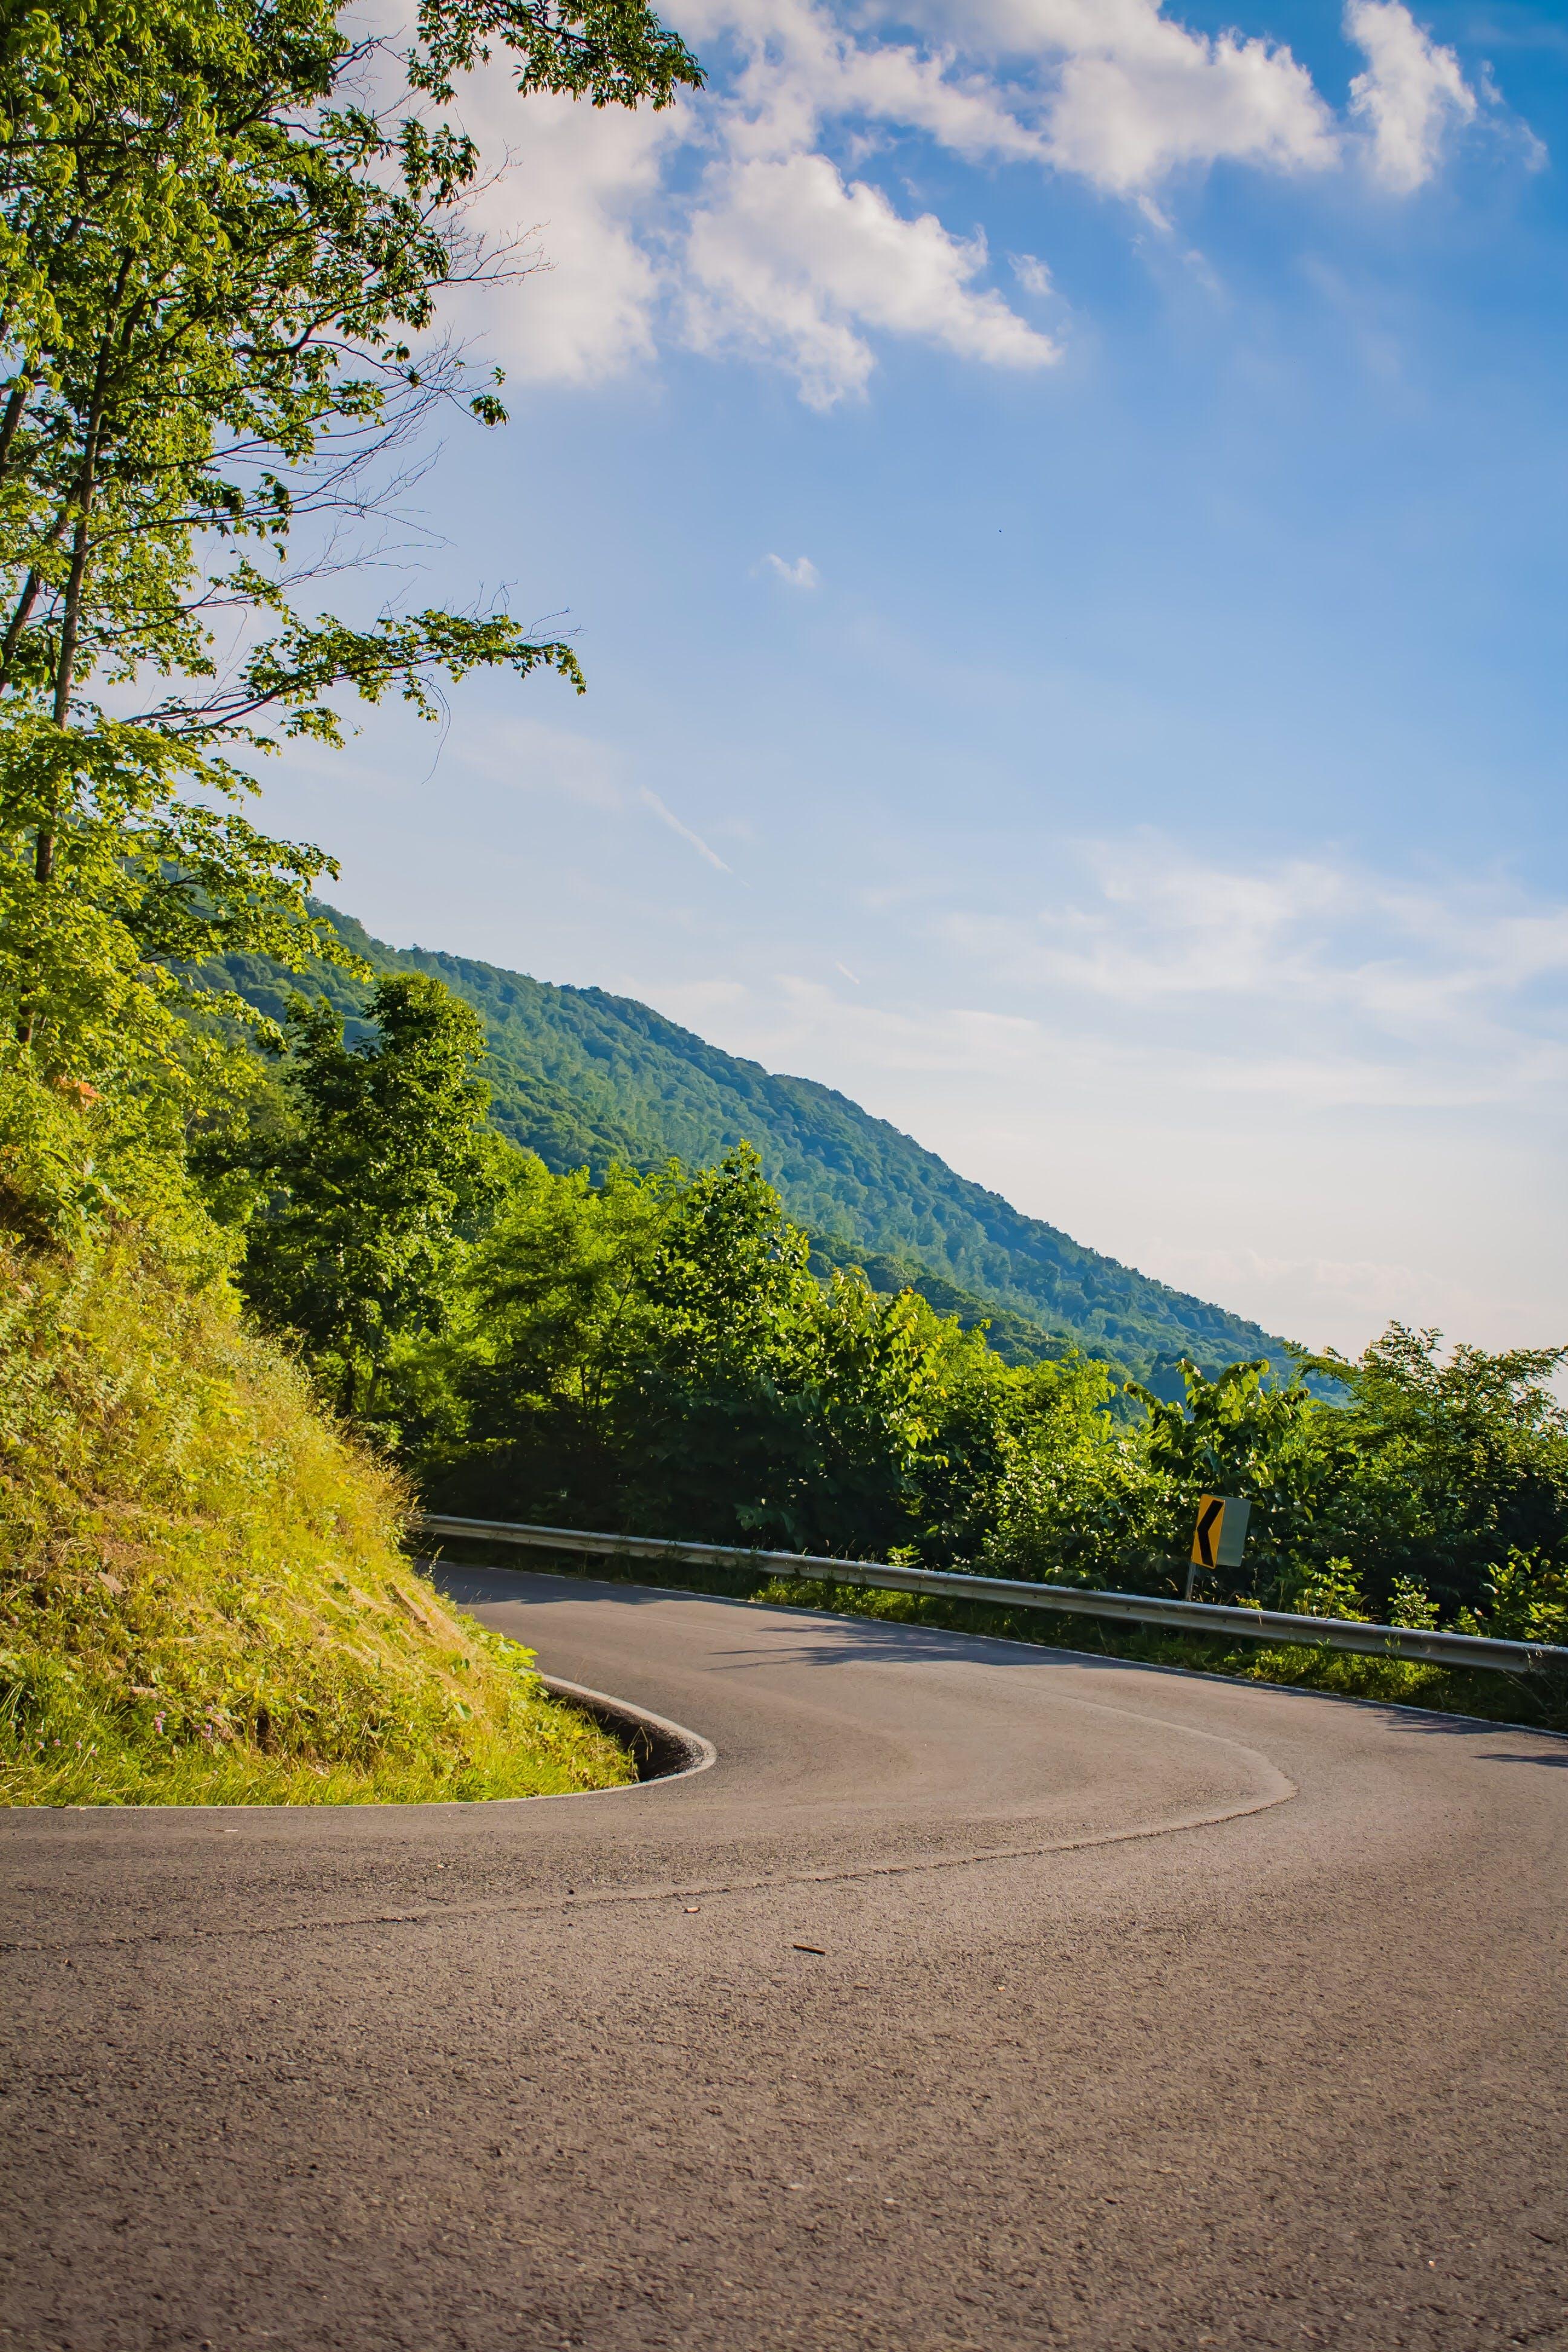 Free stock photo of mountain, road